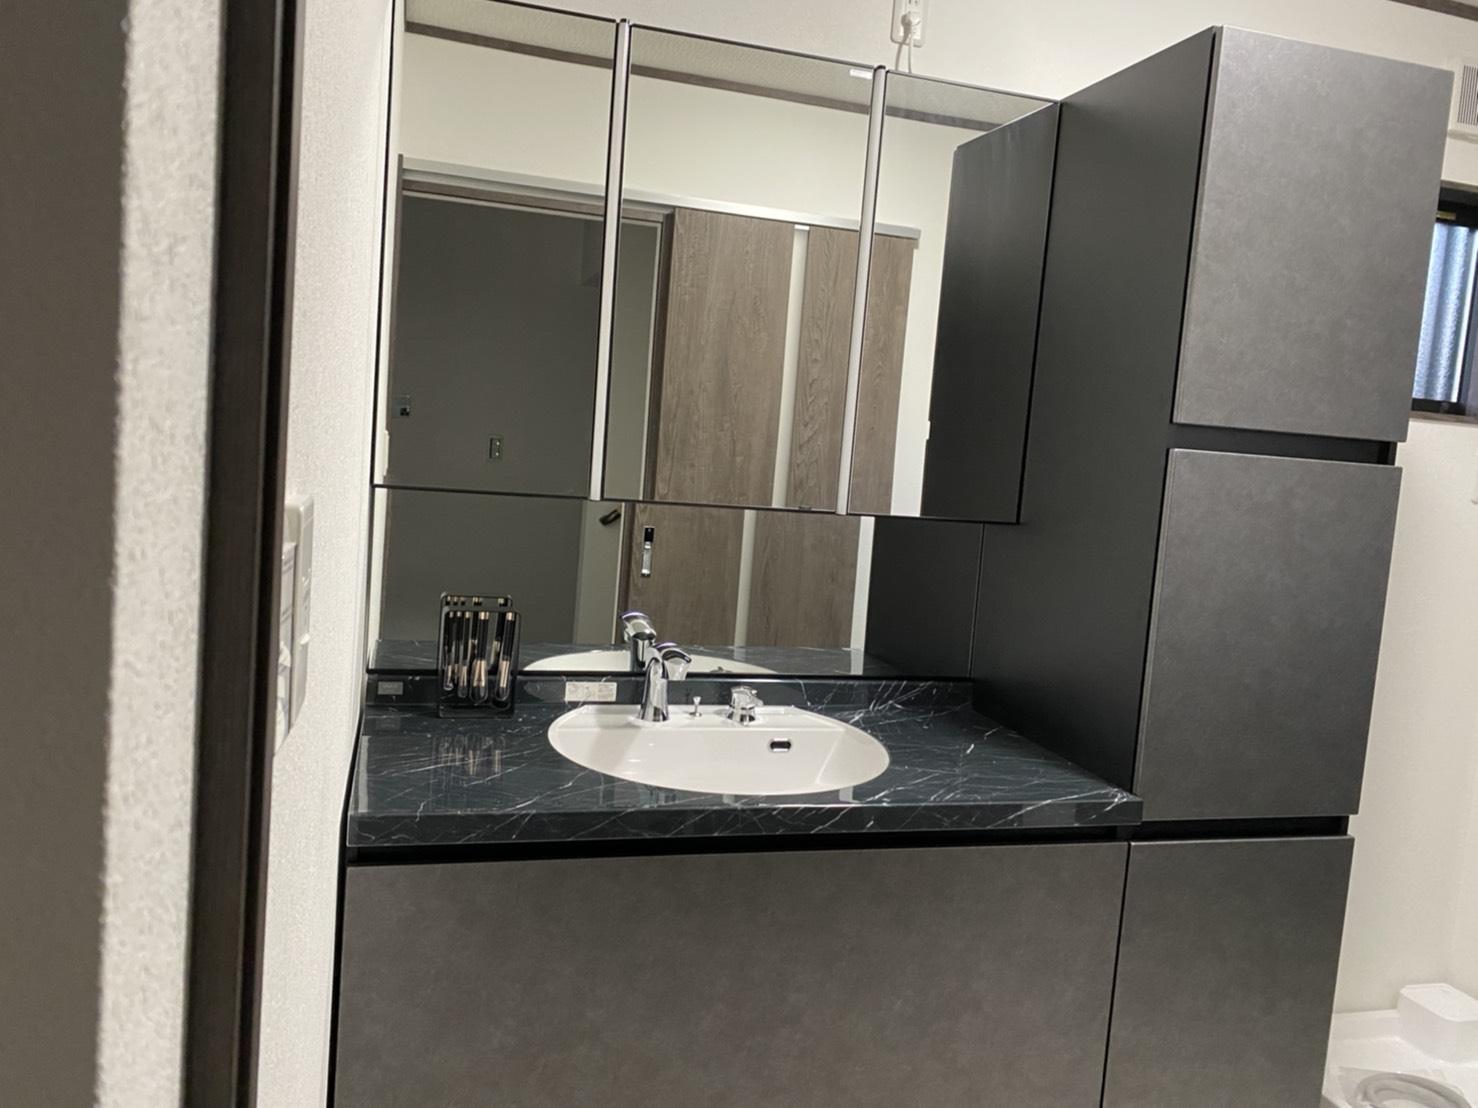 洗面化粧台は3面鏡の収納付きのLIXILのLUMISISボウル一体型タイプとしました。大理石の質感を再現したラピシアカウンターやタッチレス水栓や自動点灯のライト等が揃ったホテルのように気品のある優雅な洗面空間となっています。